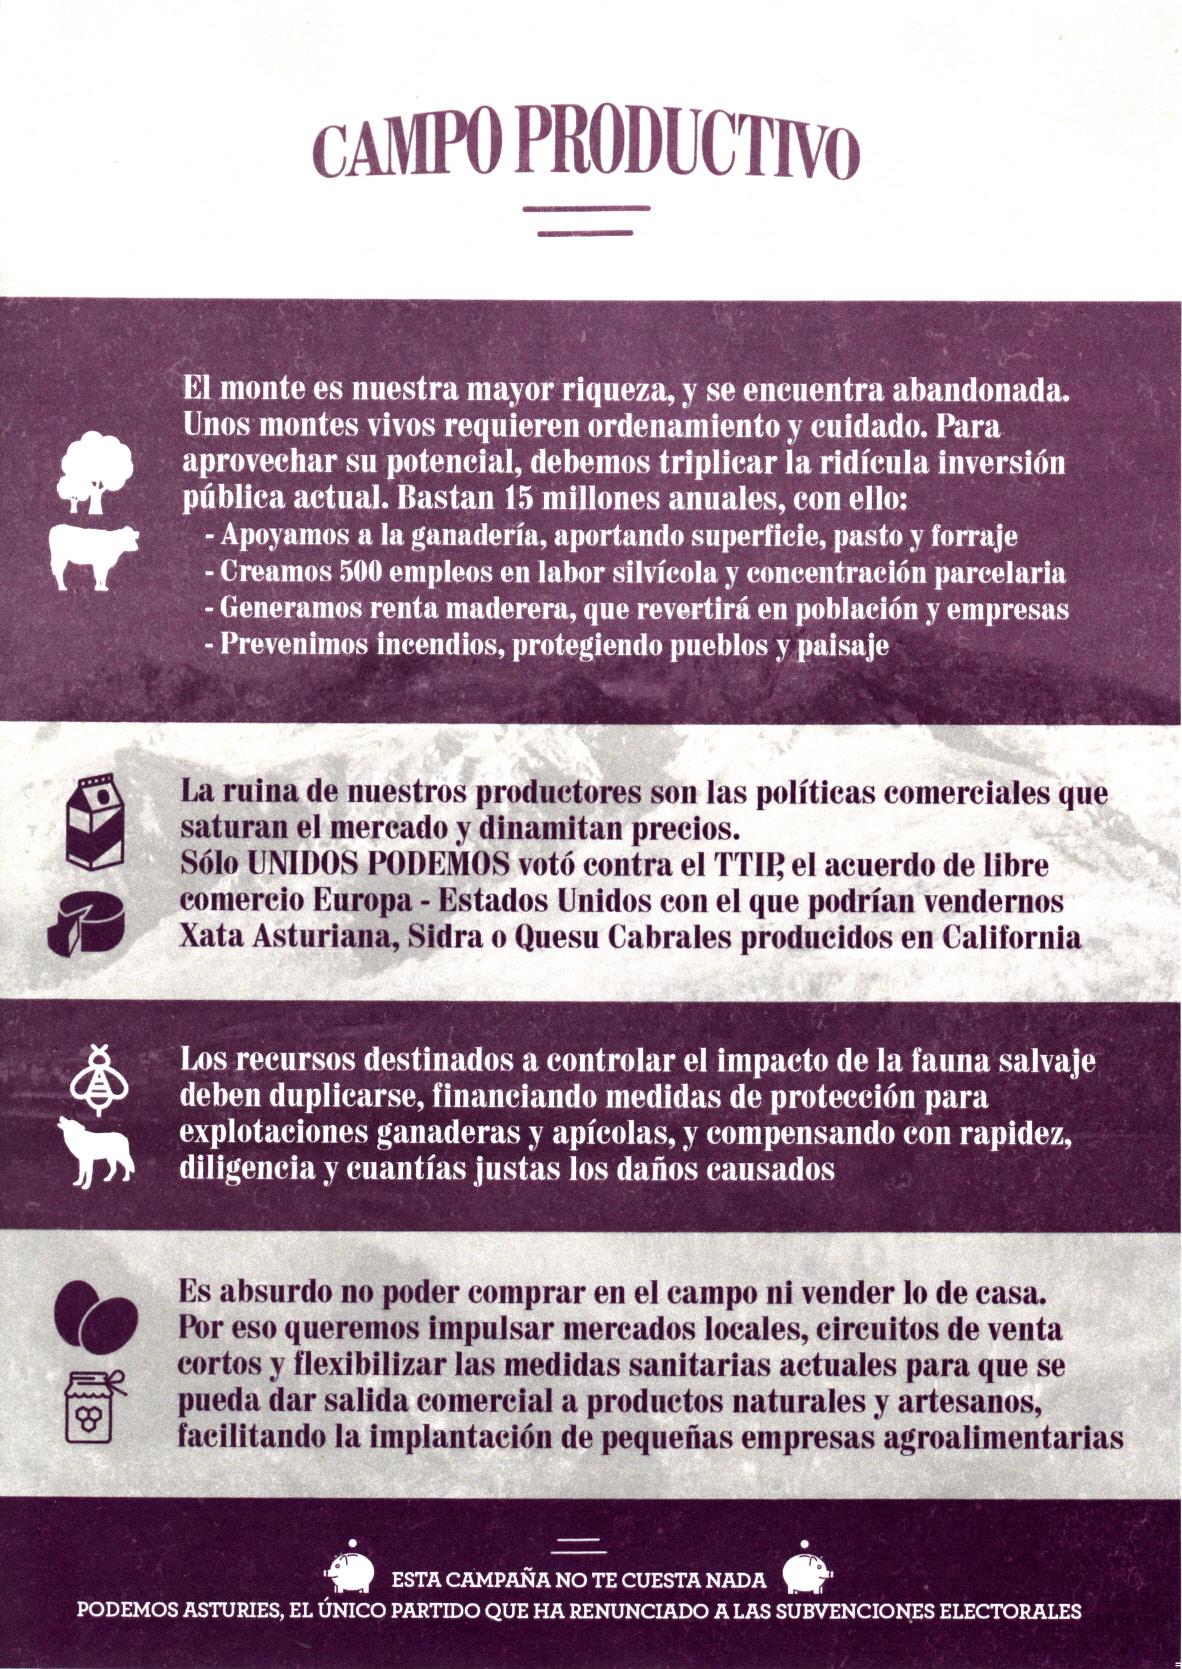 unidos_podemos_asturias_2016_0002